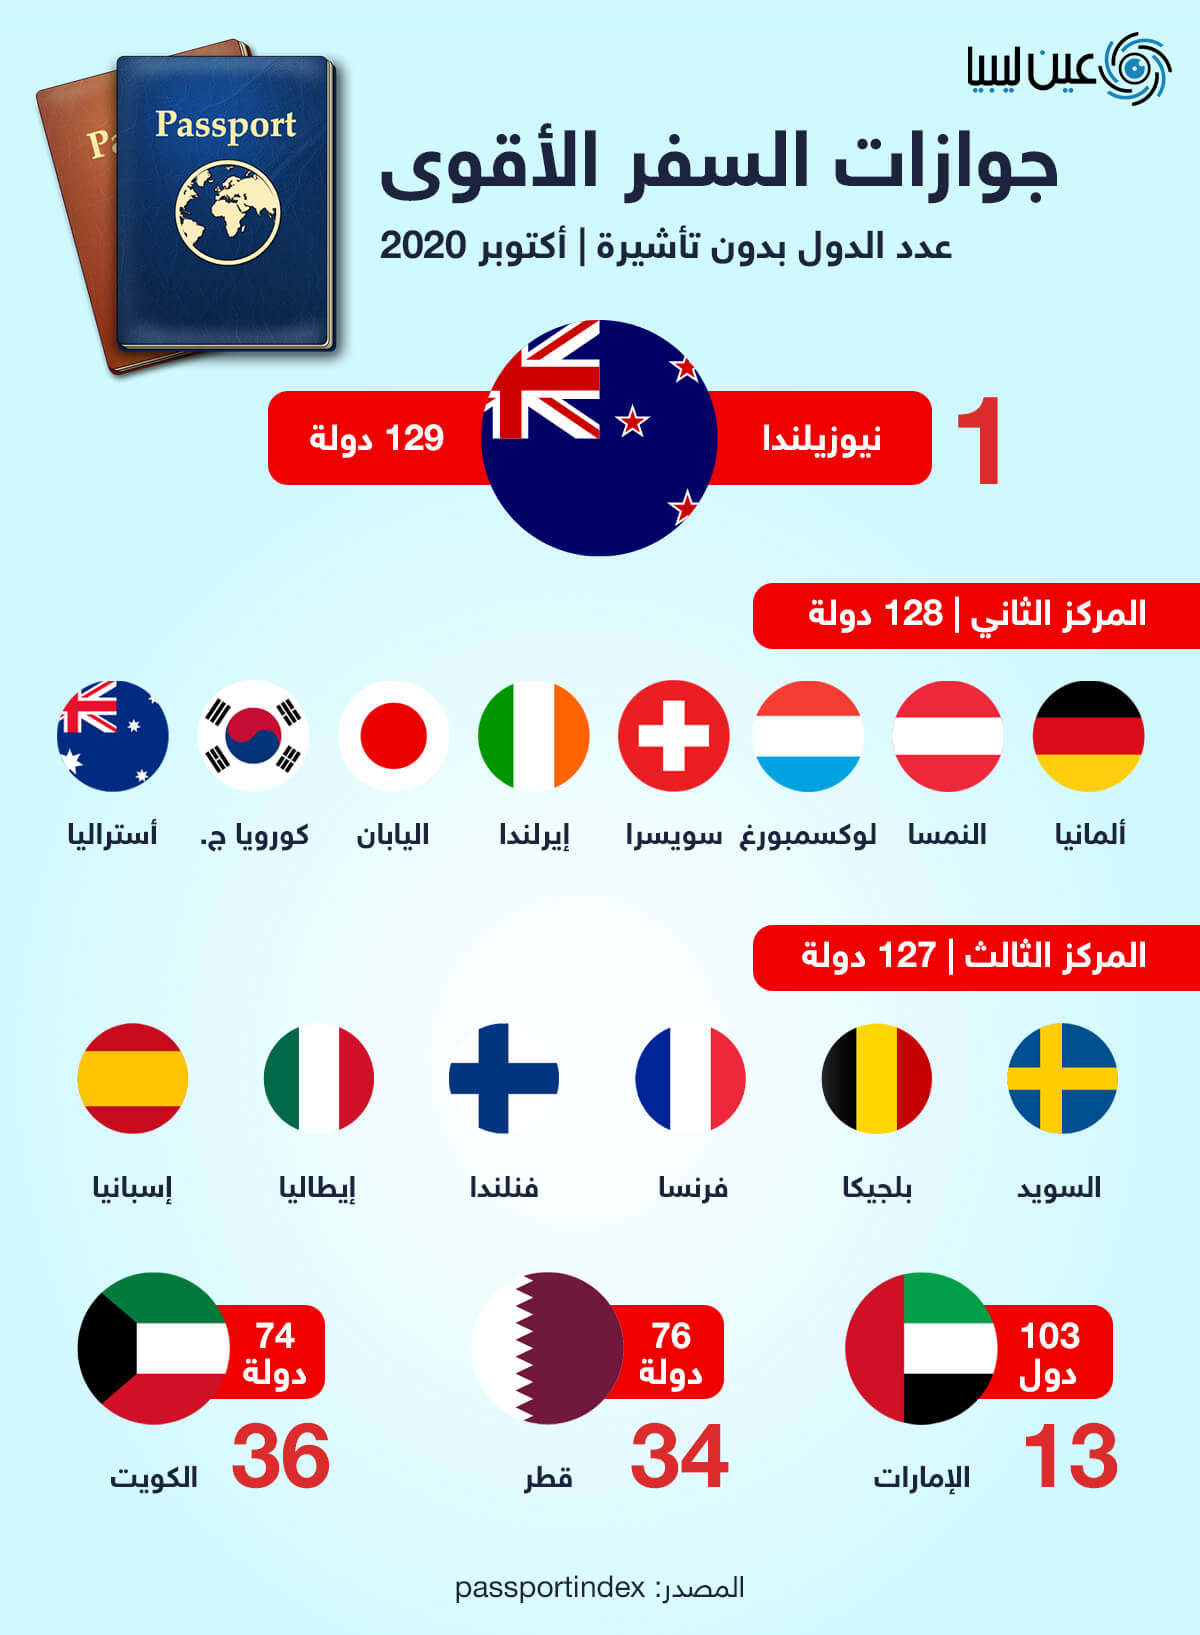 جوازات السفر الأقوى عالمياً